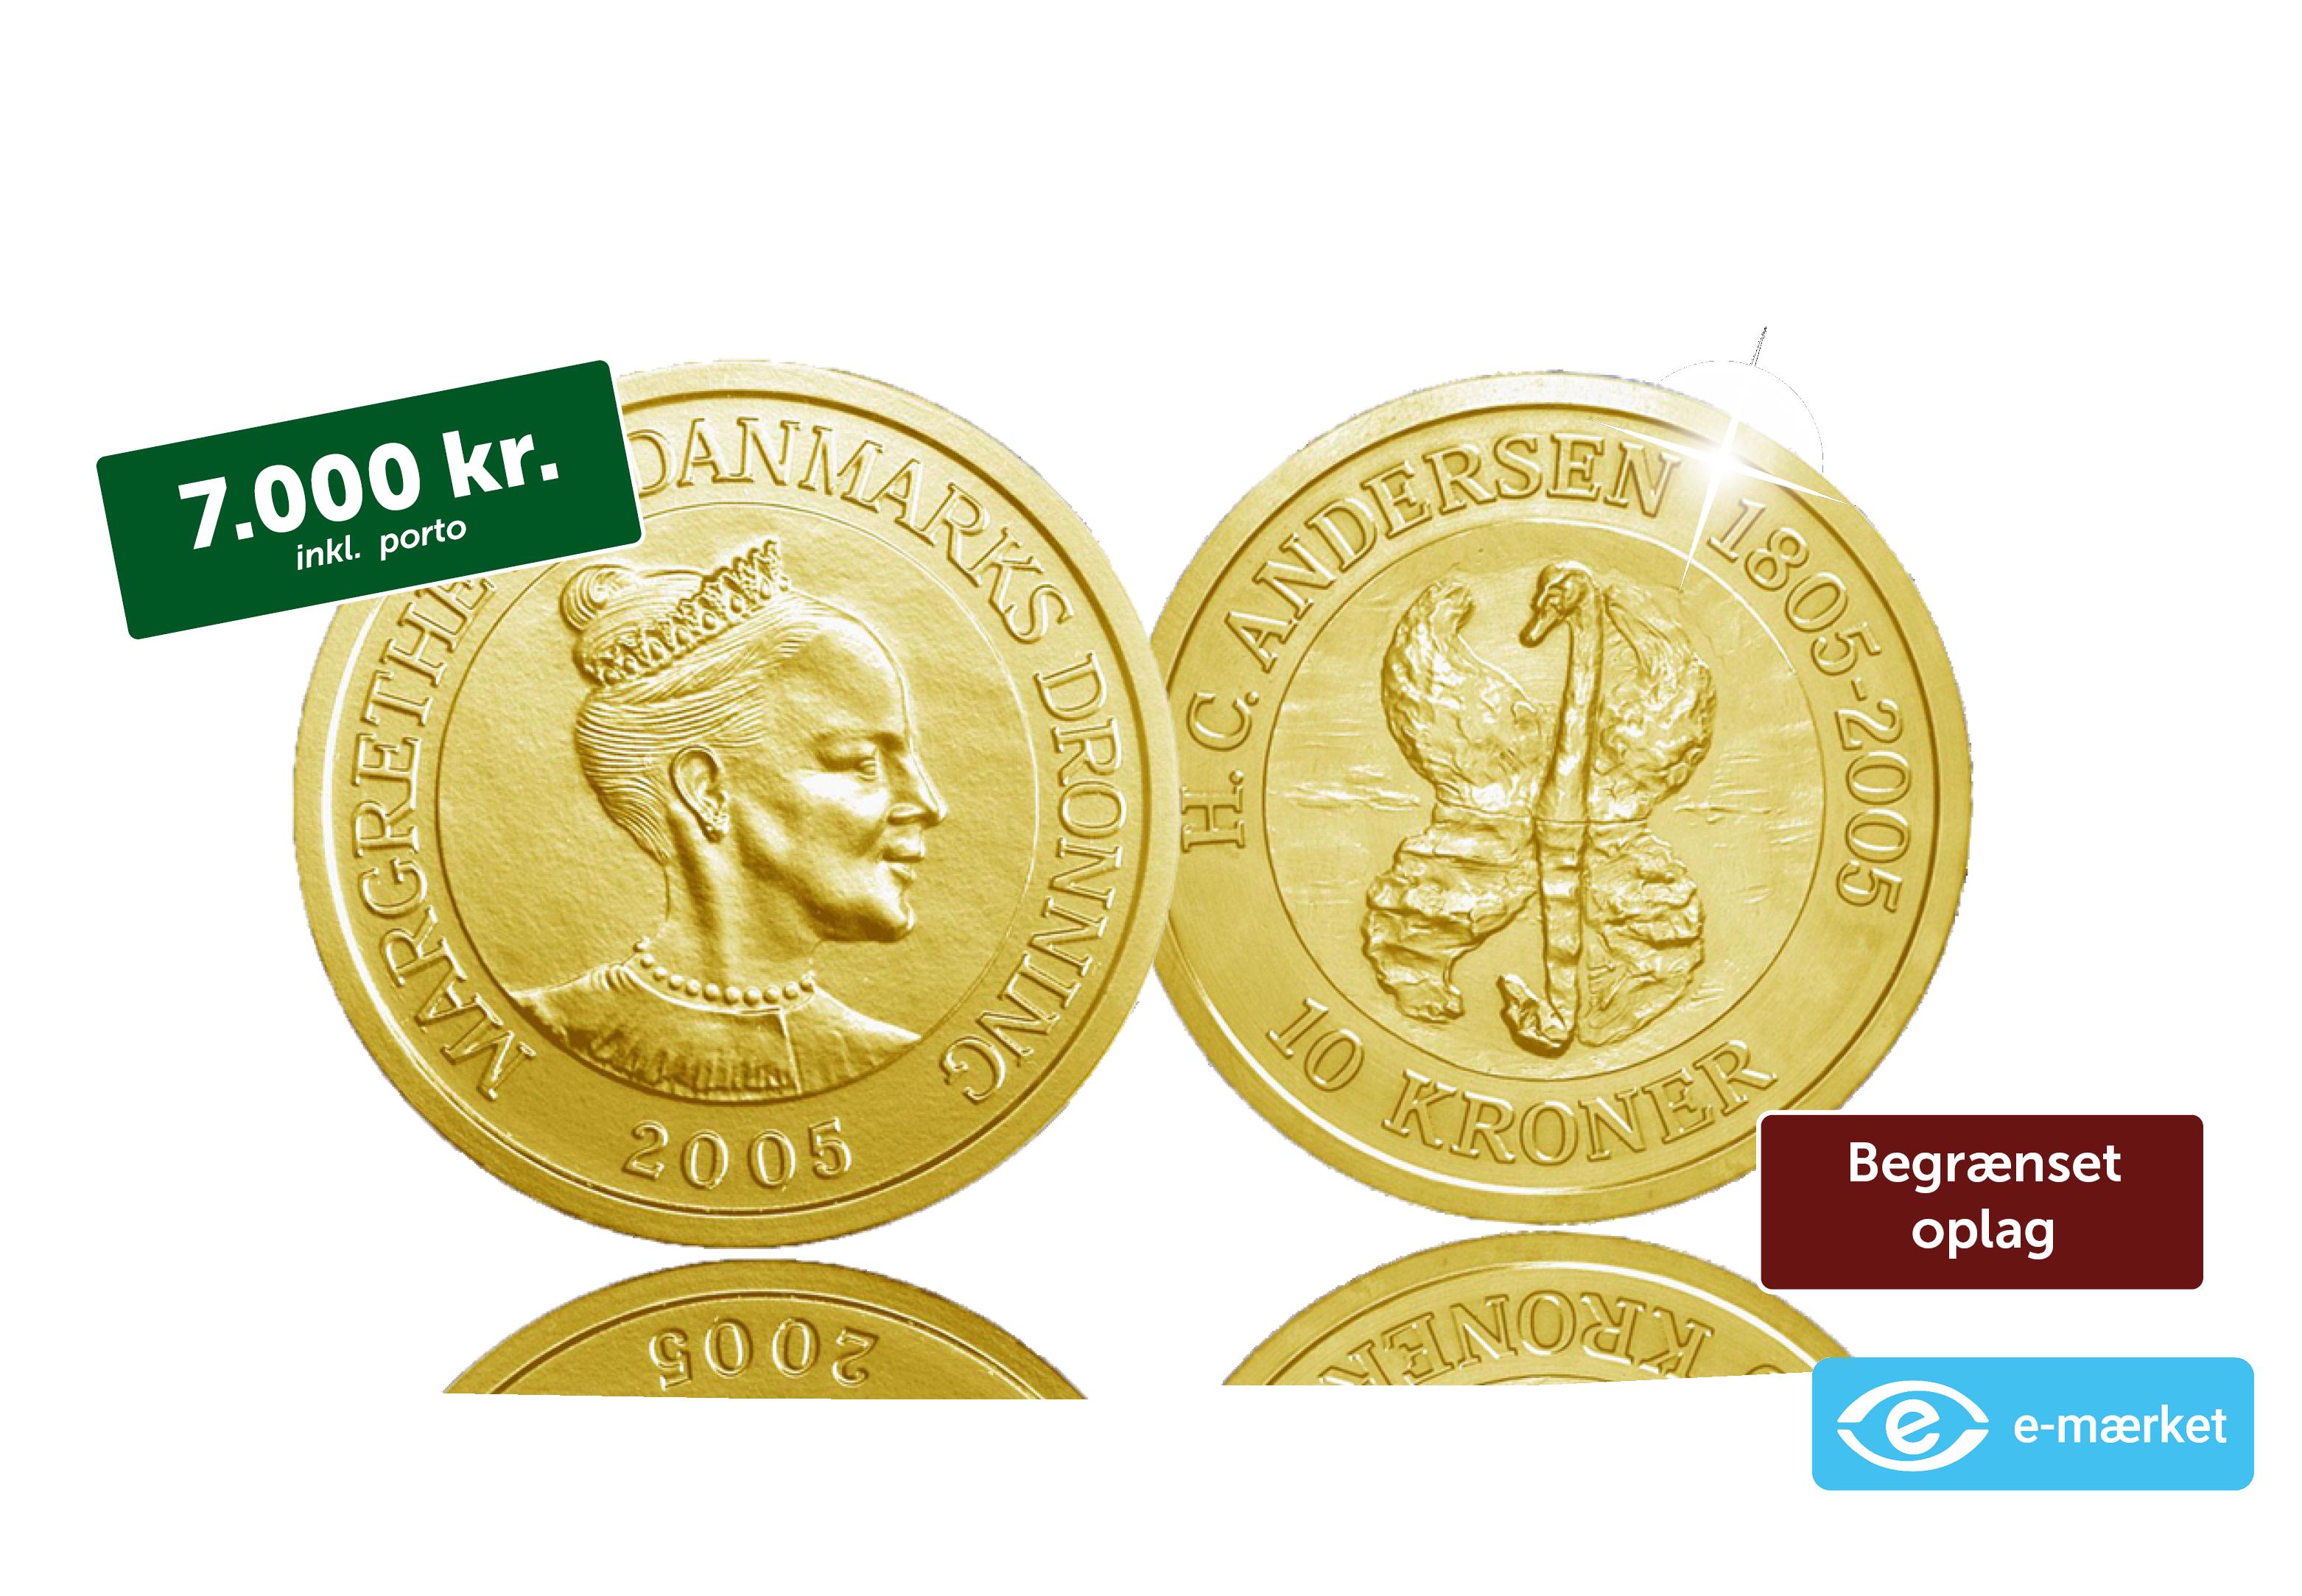 Danmarks første erindringsmønt i ægte guld nogensind - Få den officielle H.C. Andersen-guldmønt